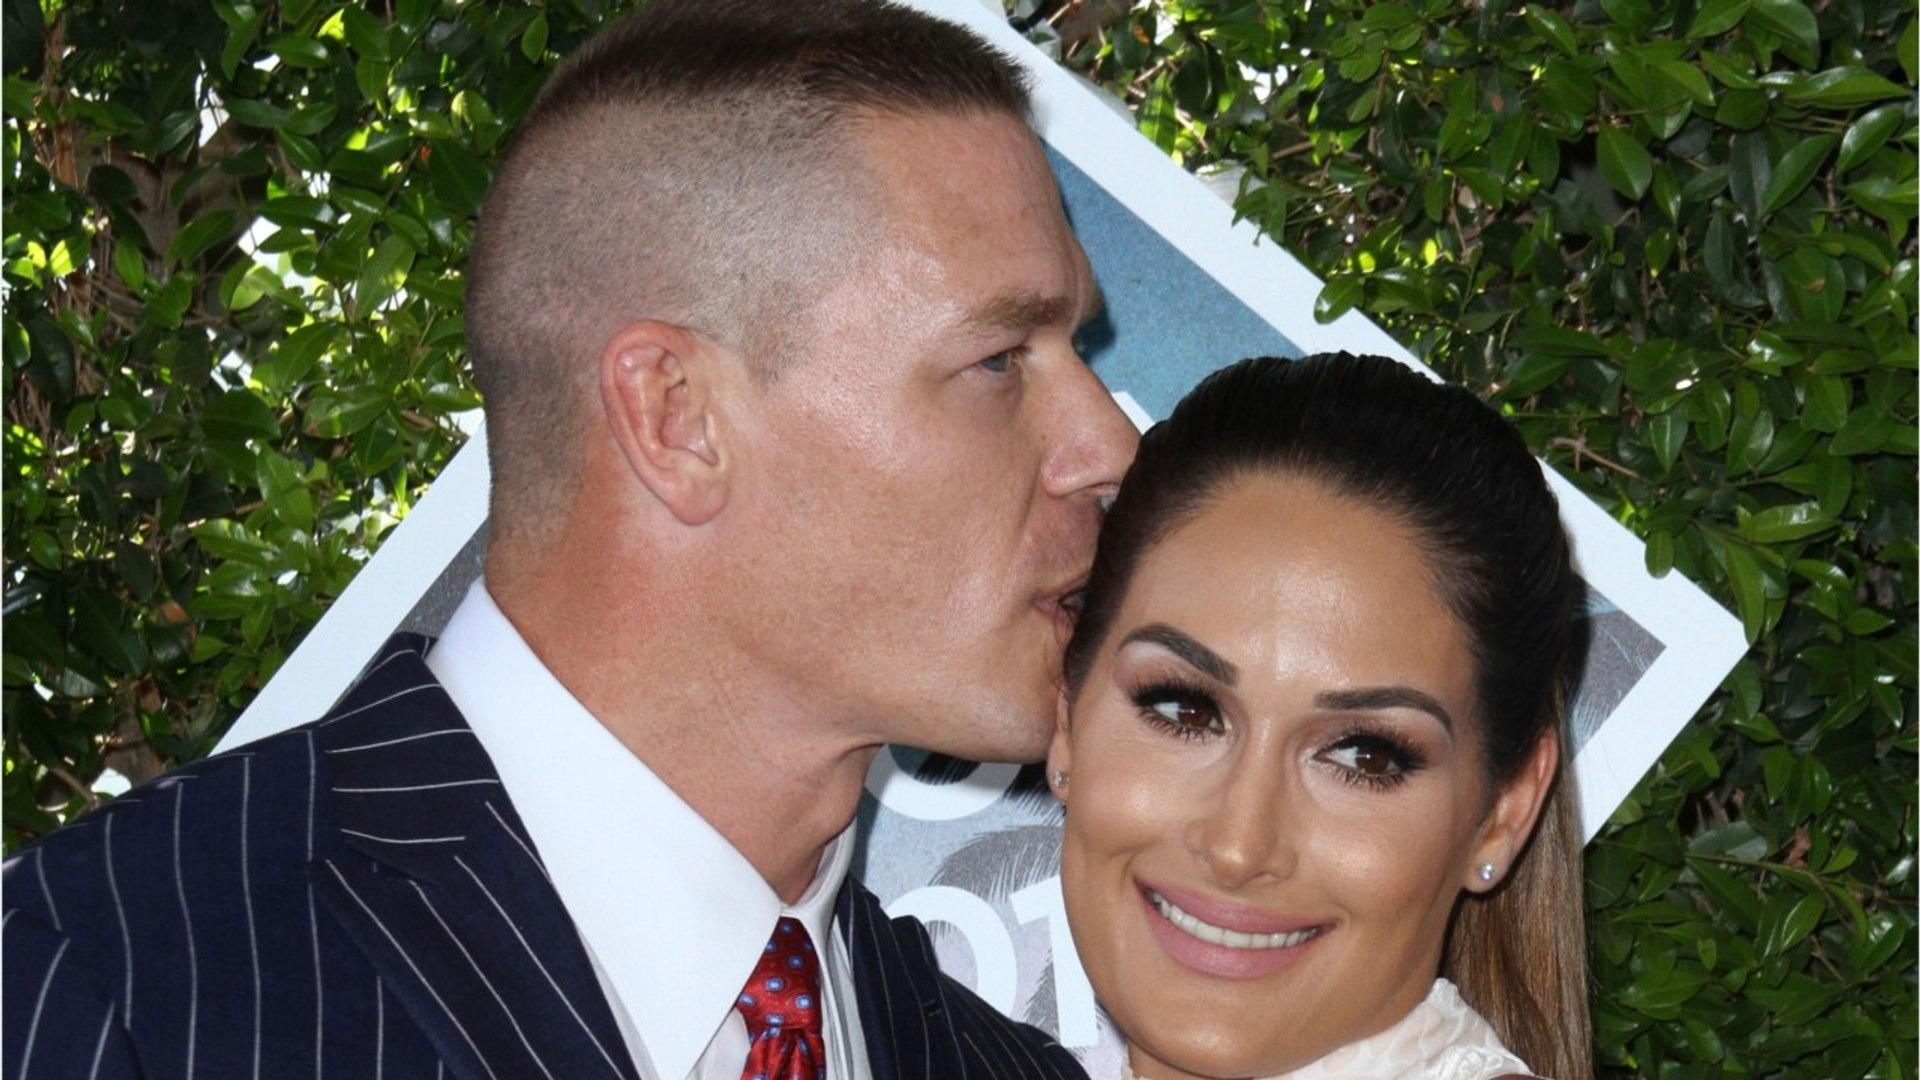 Nikki Bella And John Cenas Hilarious Naked Dance